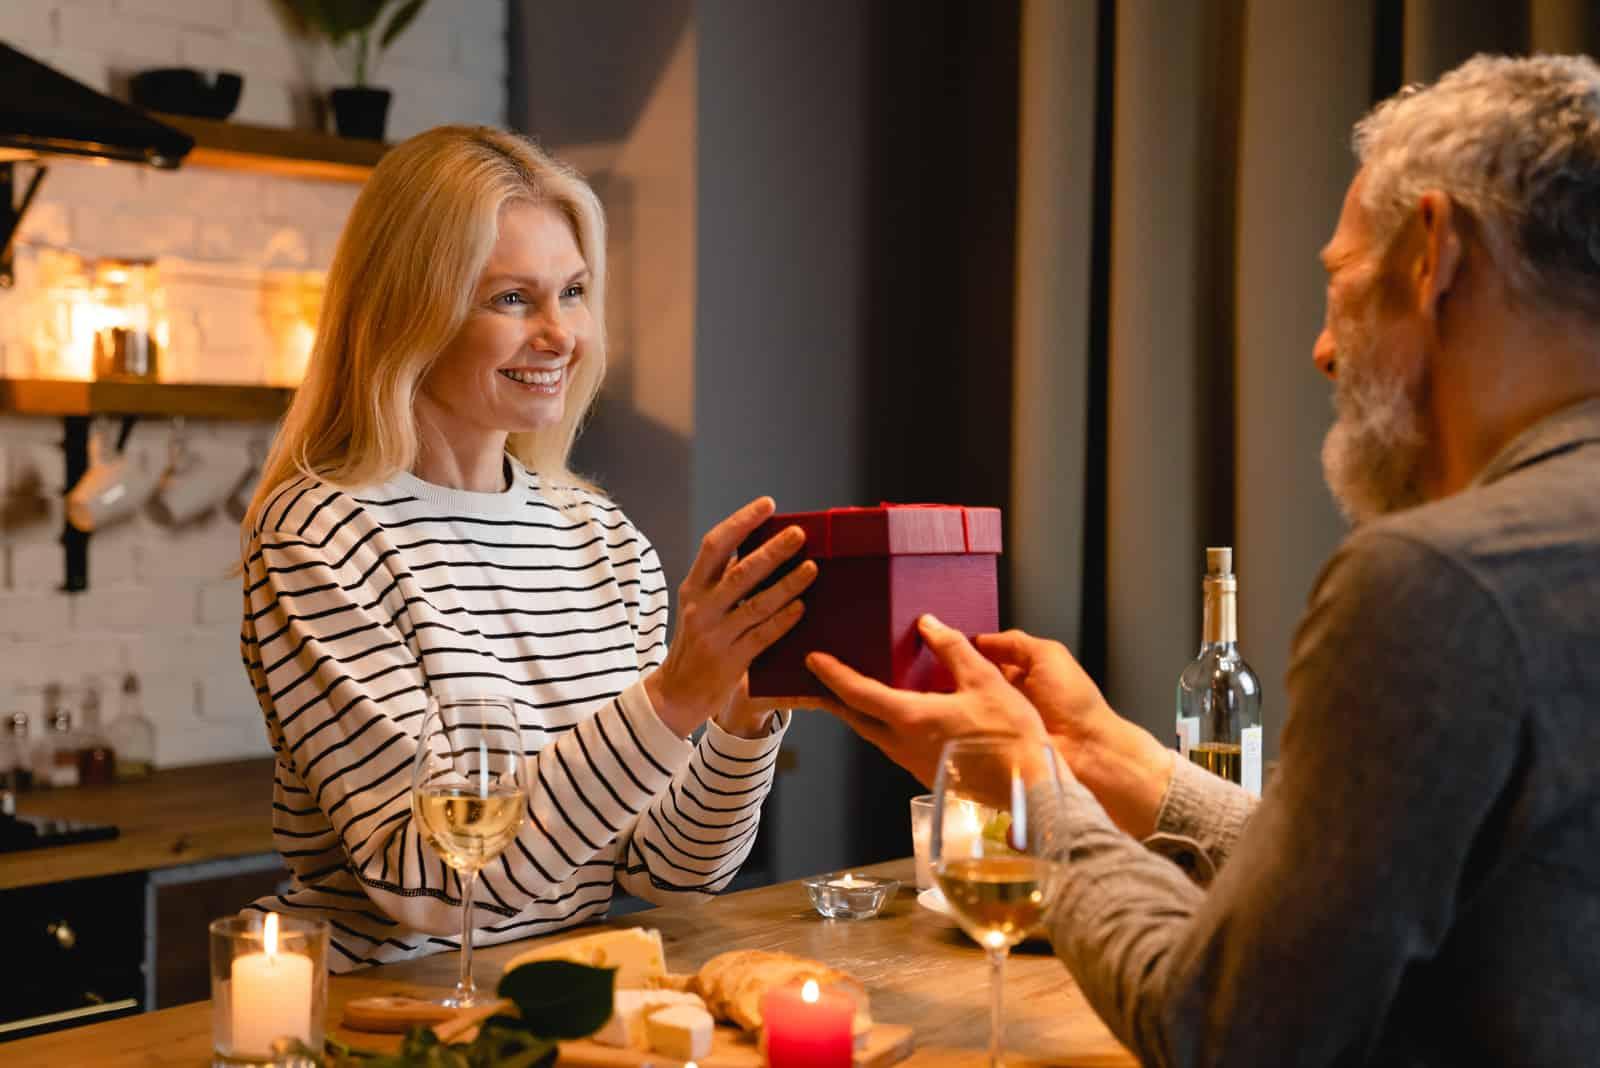 un homme et une femme s'assoient pour dîner il lui fait un cadeau